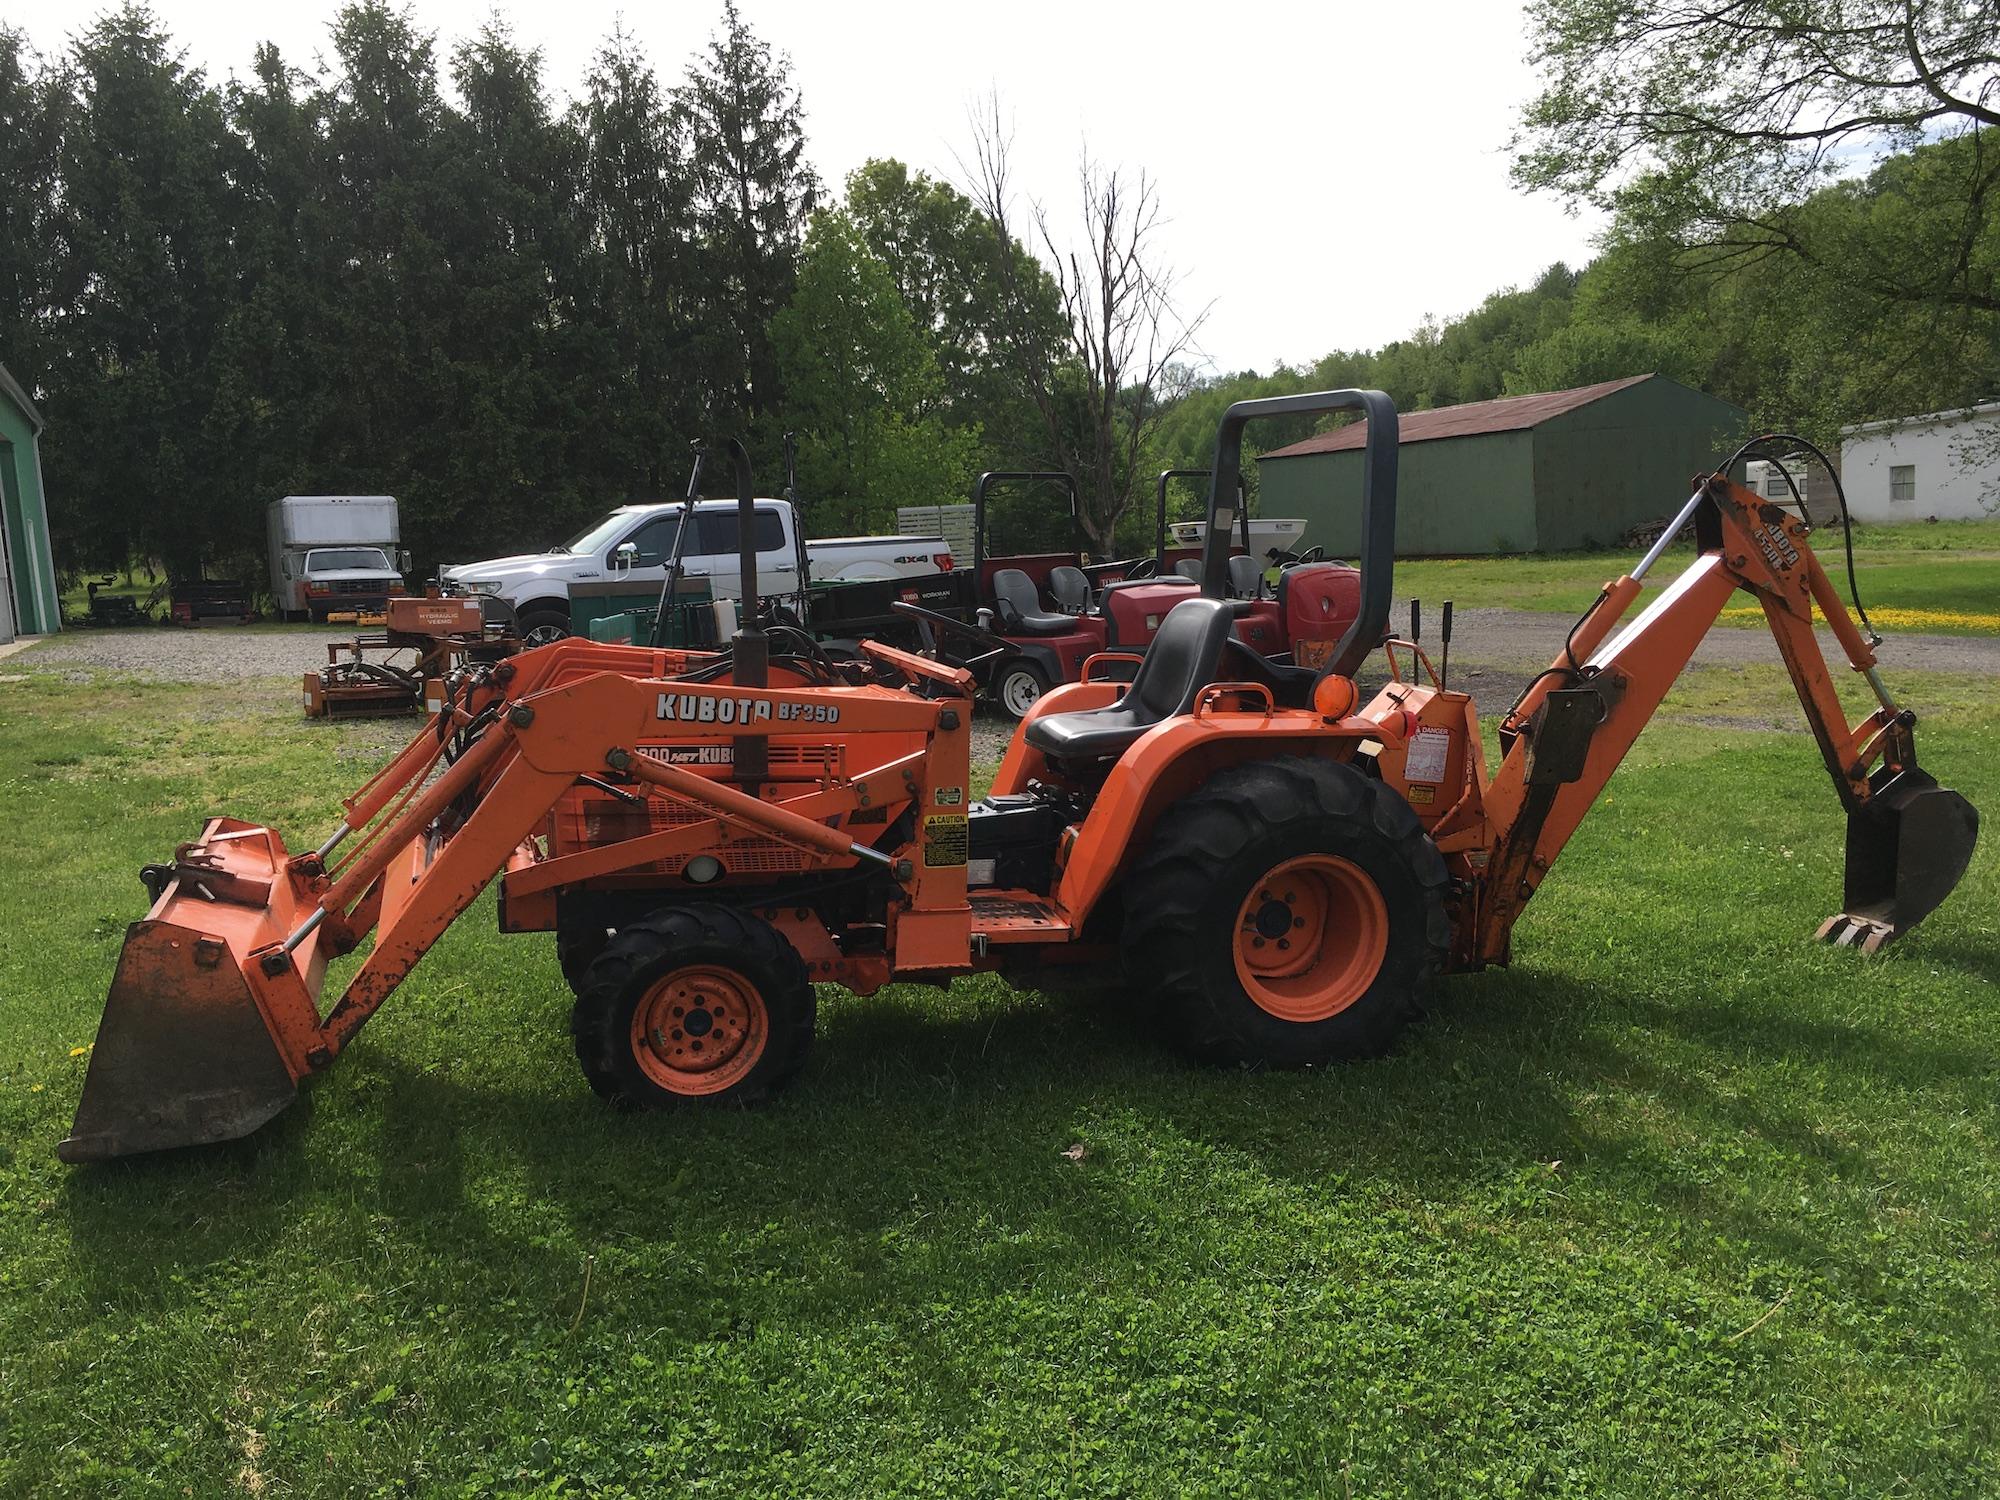 Kubota-9200HST-Tractor-Backhoe-Loader-1